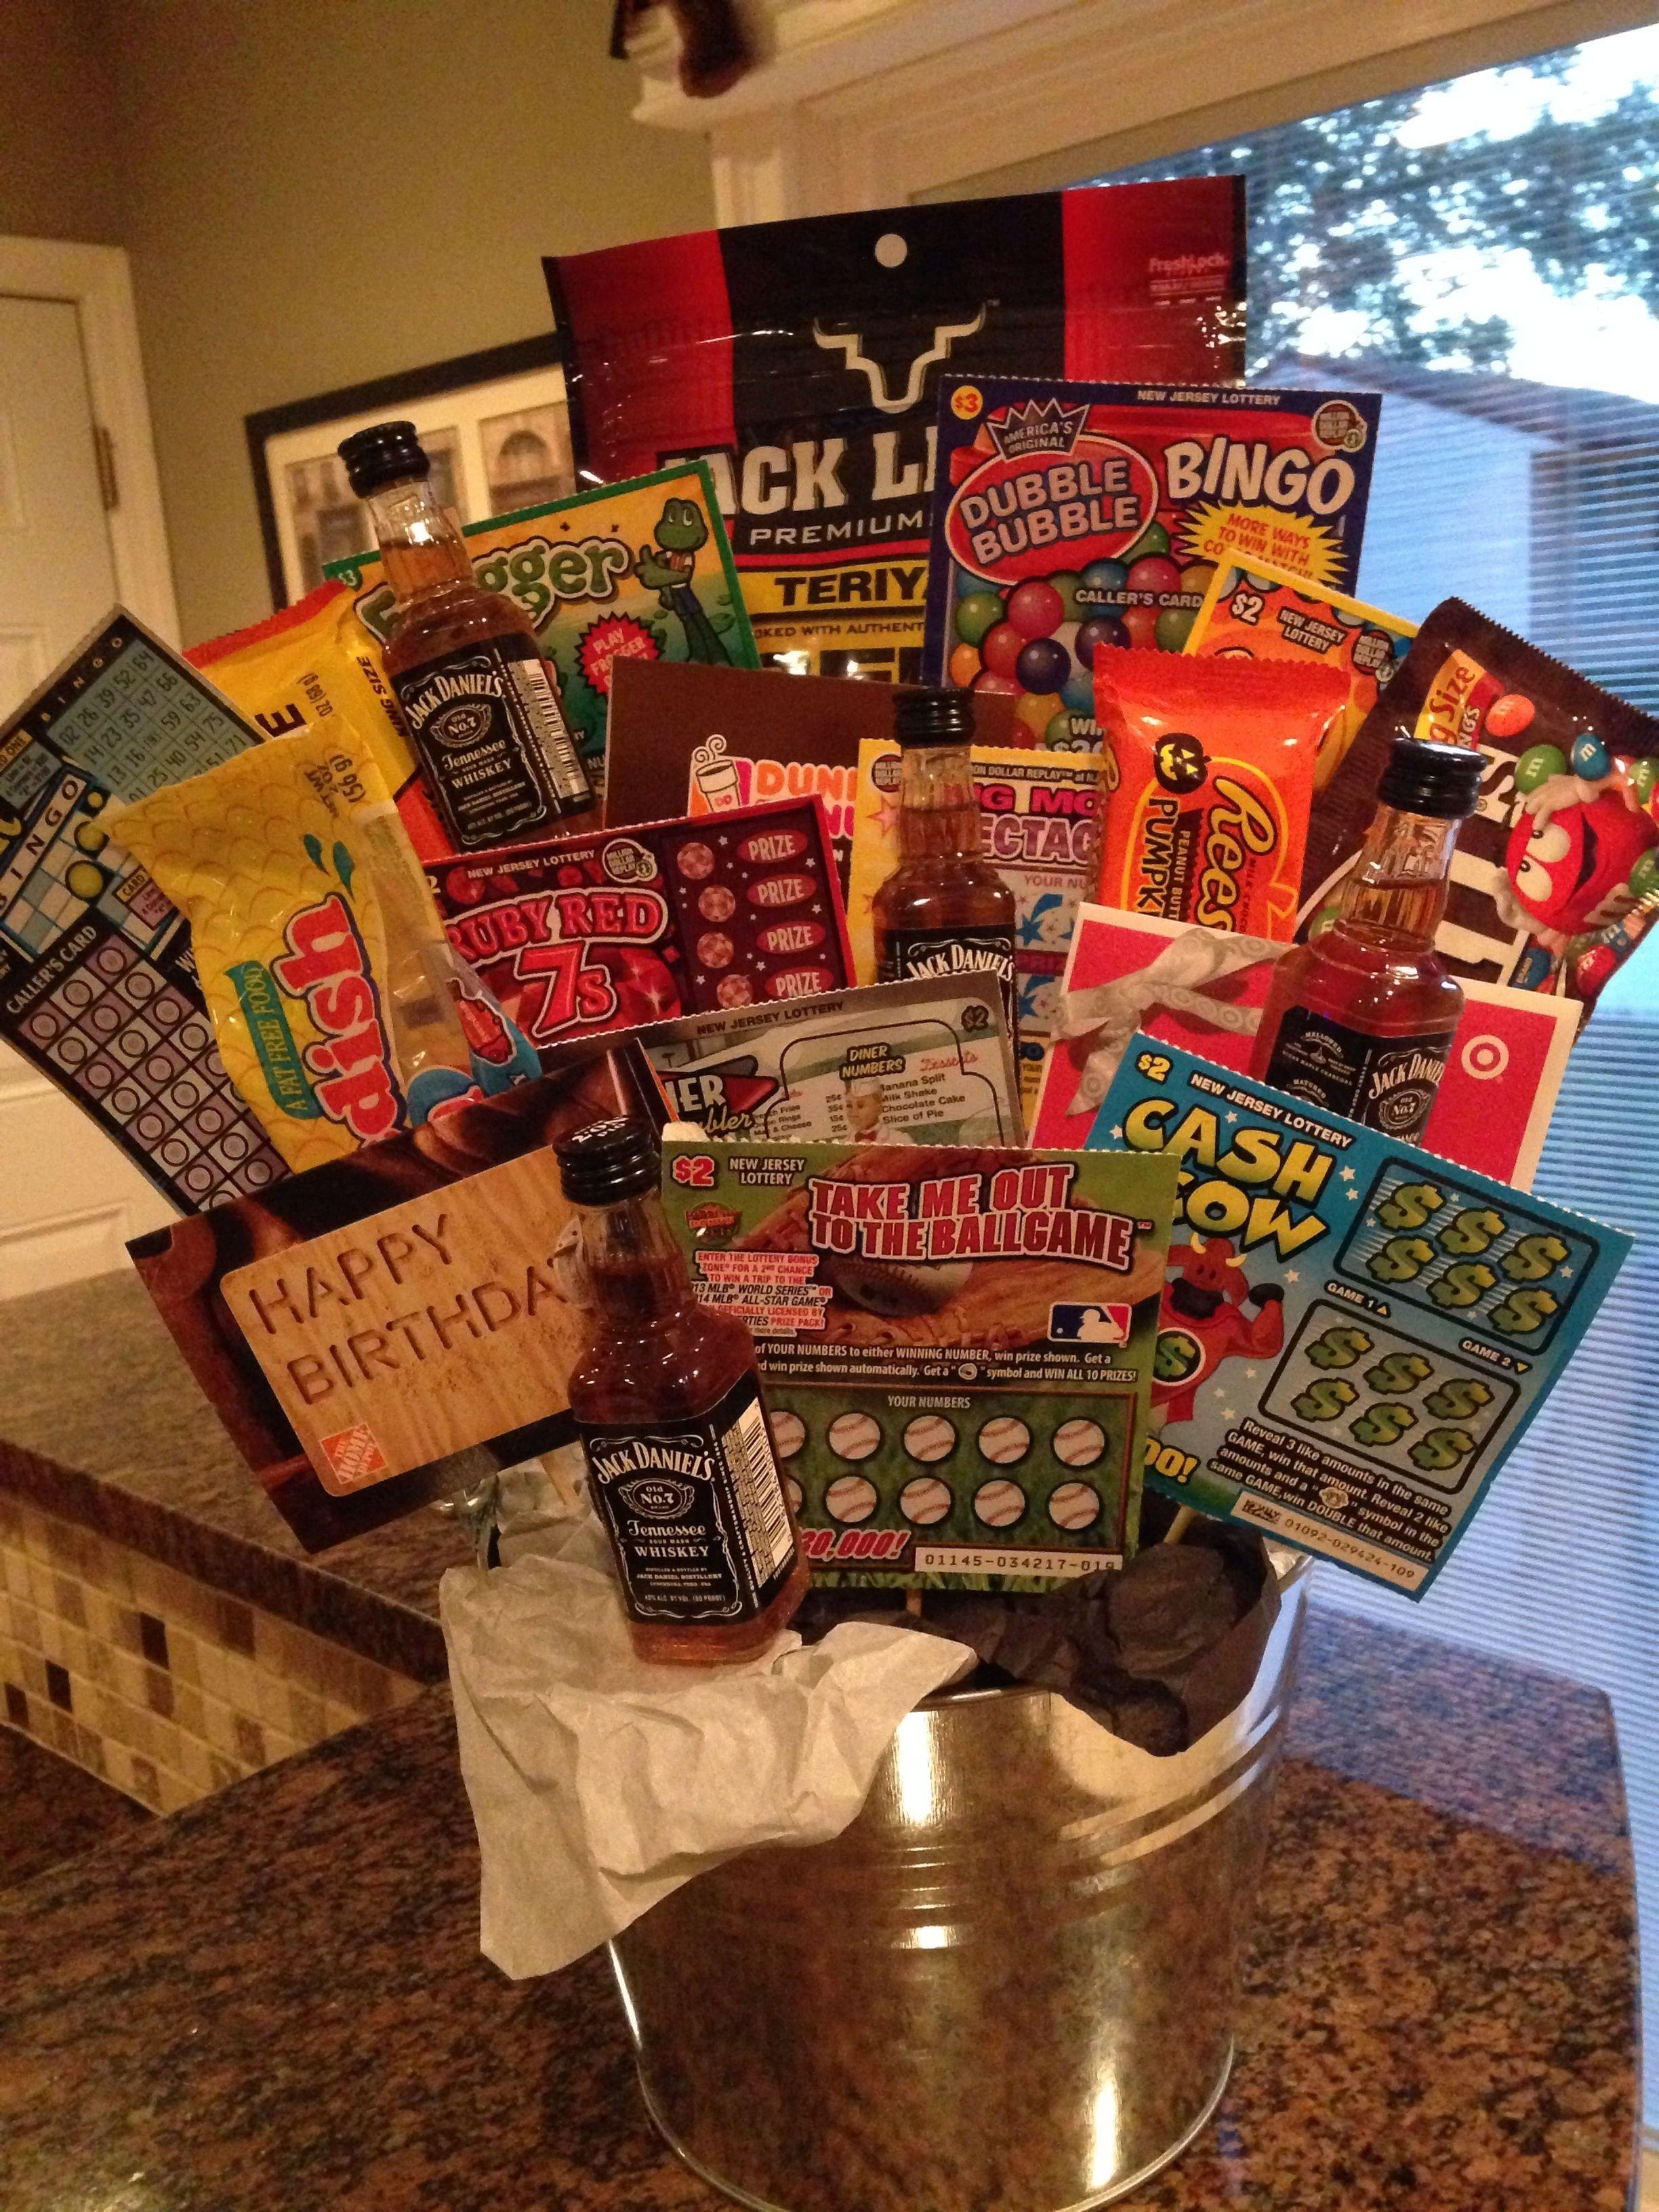 10 Fabulous Birthday Gift Ideas For Men birthday gift basket for guys pinteres 11 2021